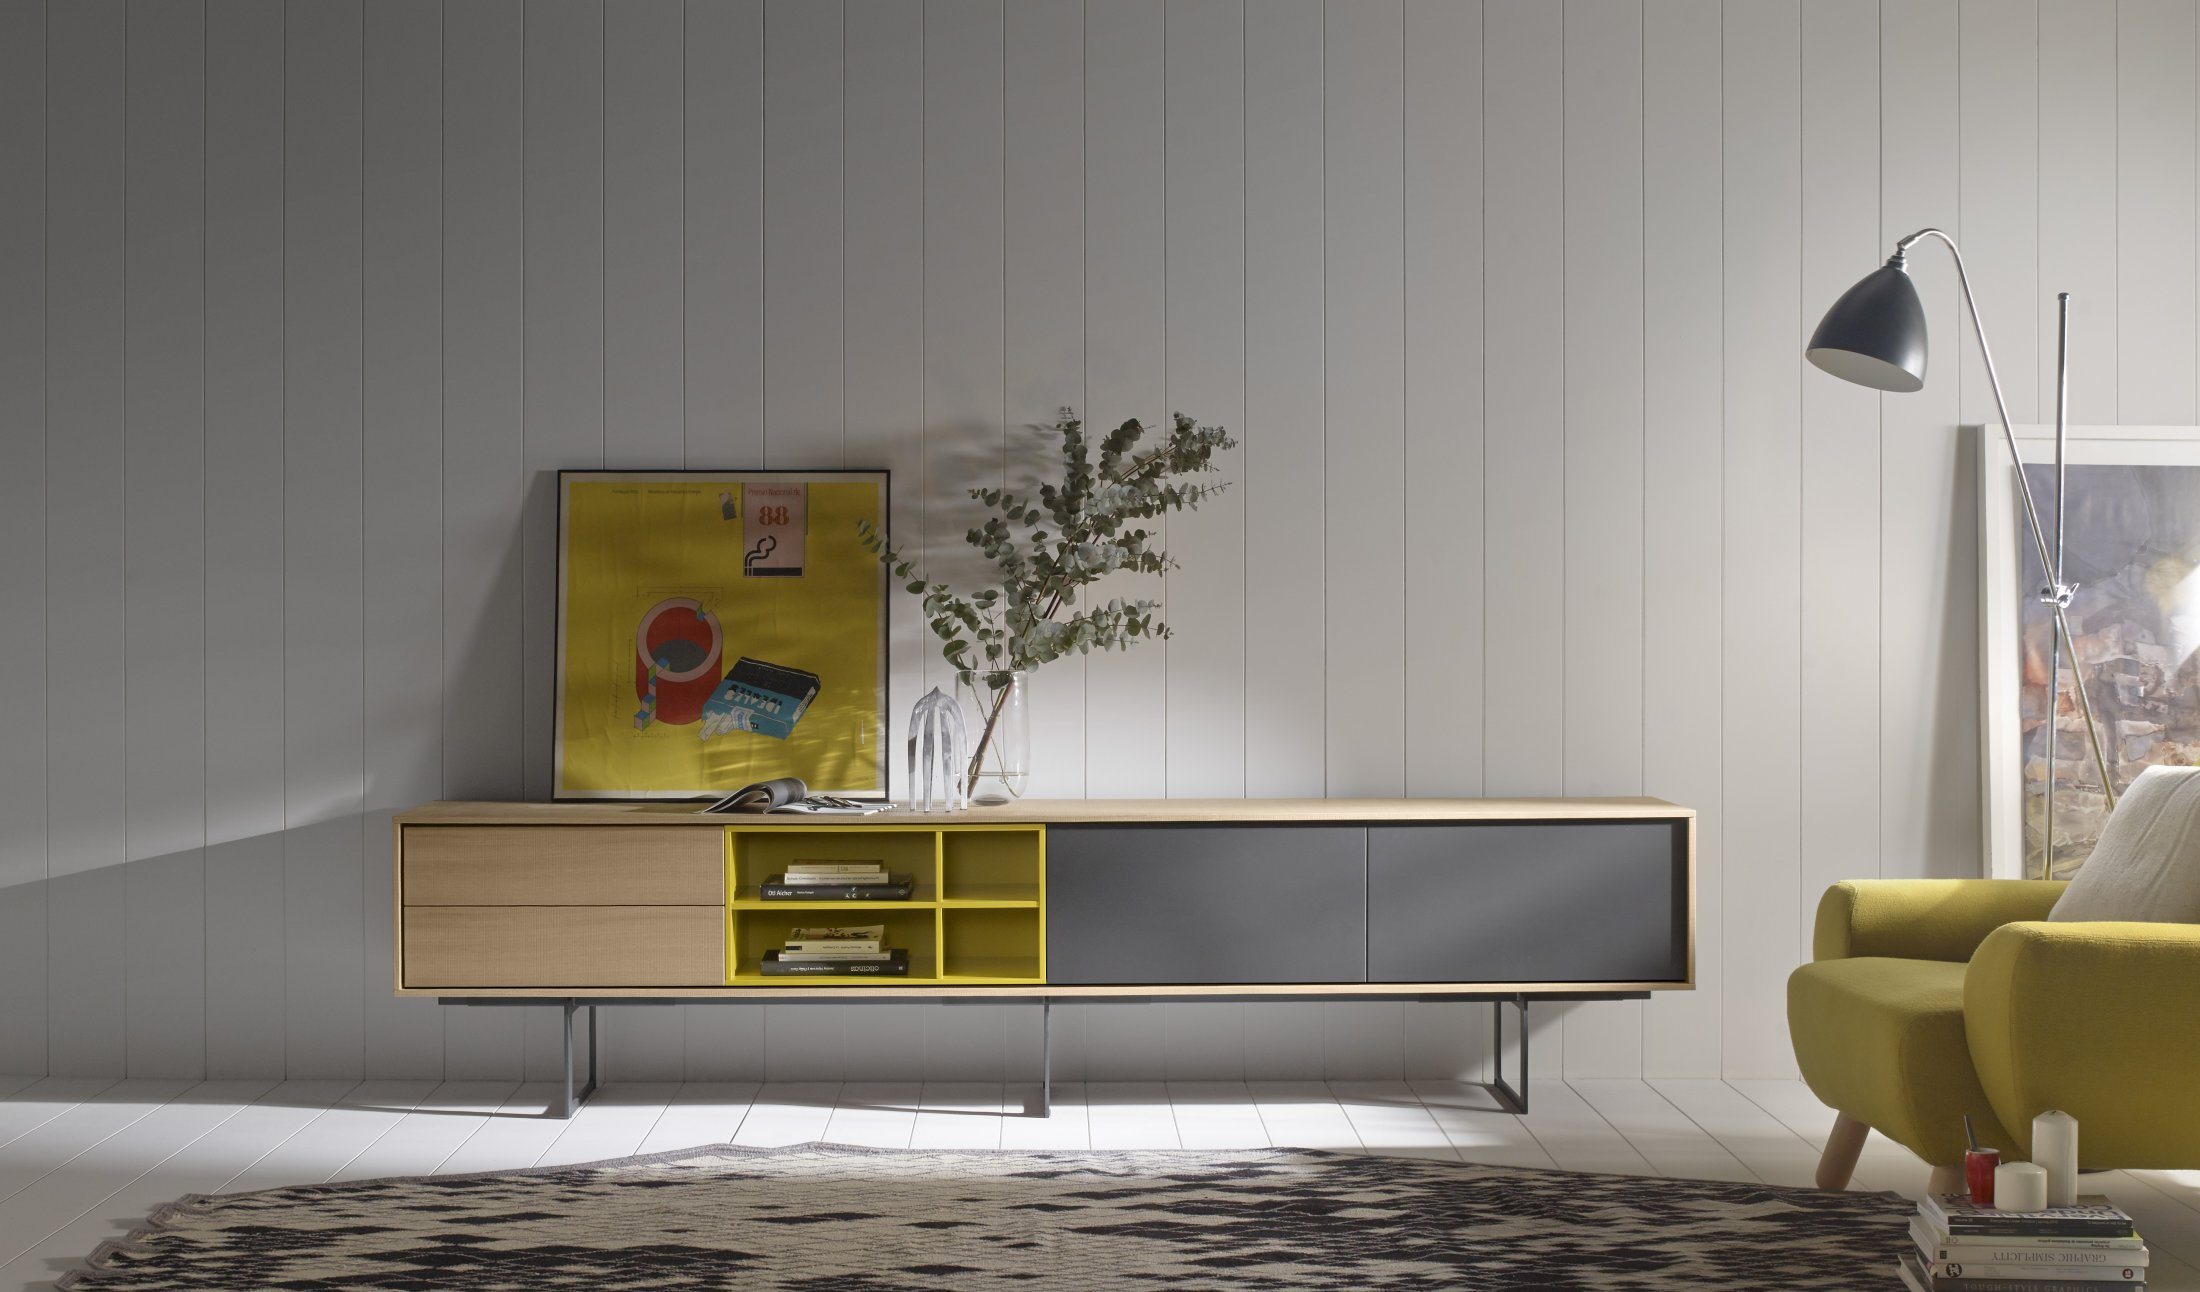 Meubles TV AURA design par A. Martí & E. Delamo